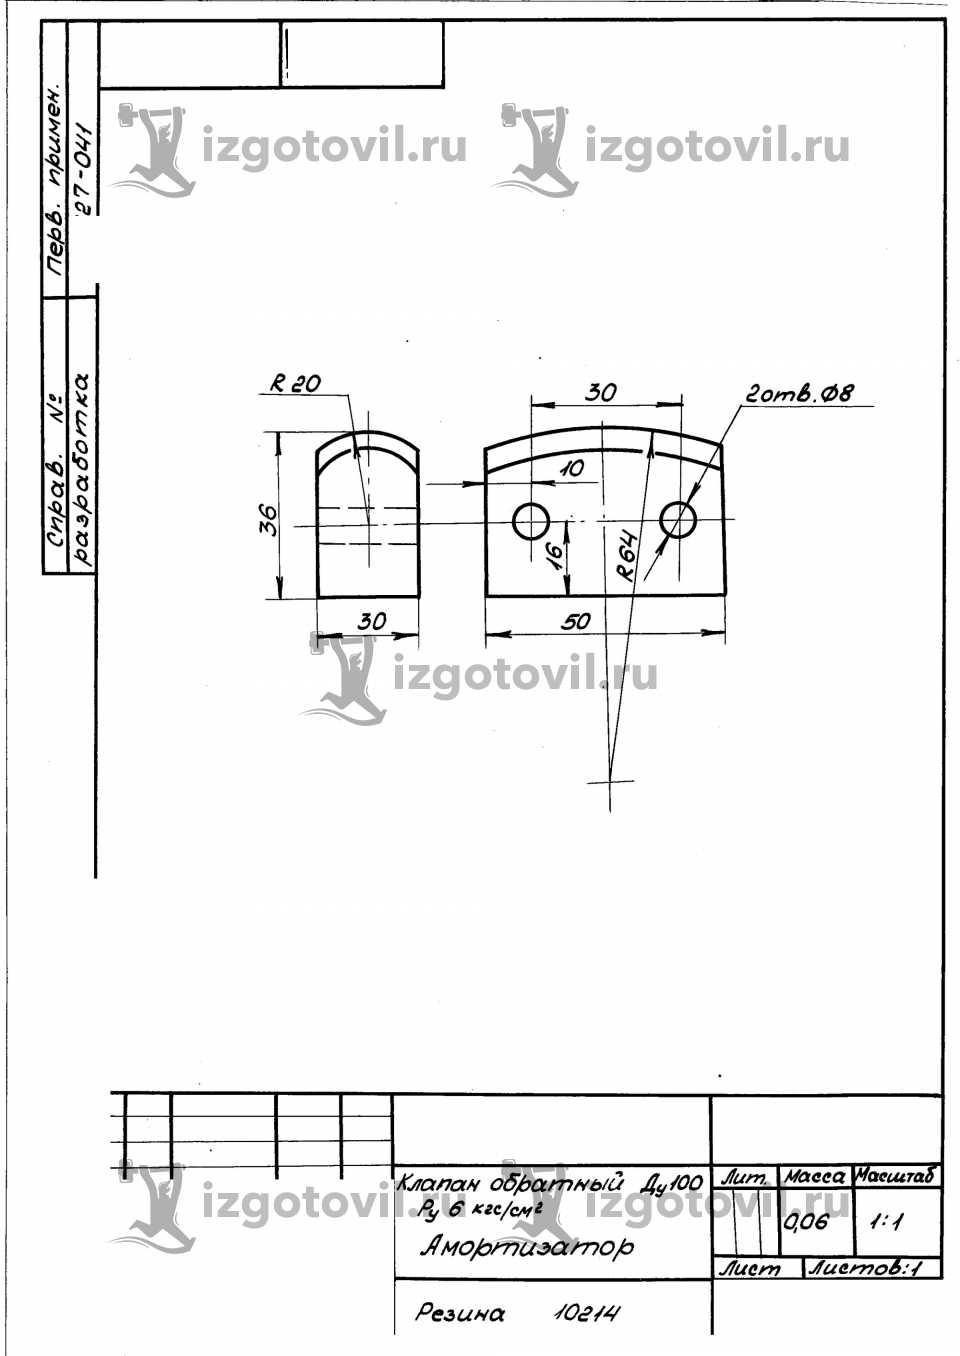 Изготовление деталей на заказ - изготовить клапаны